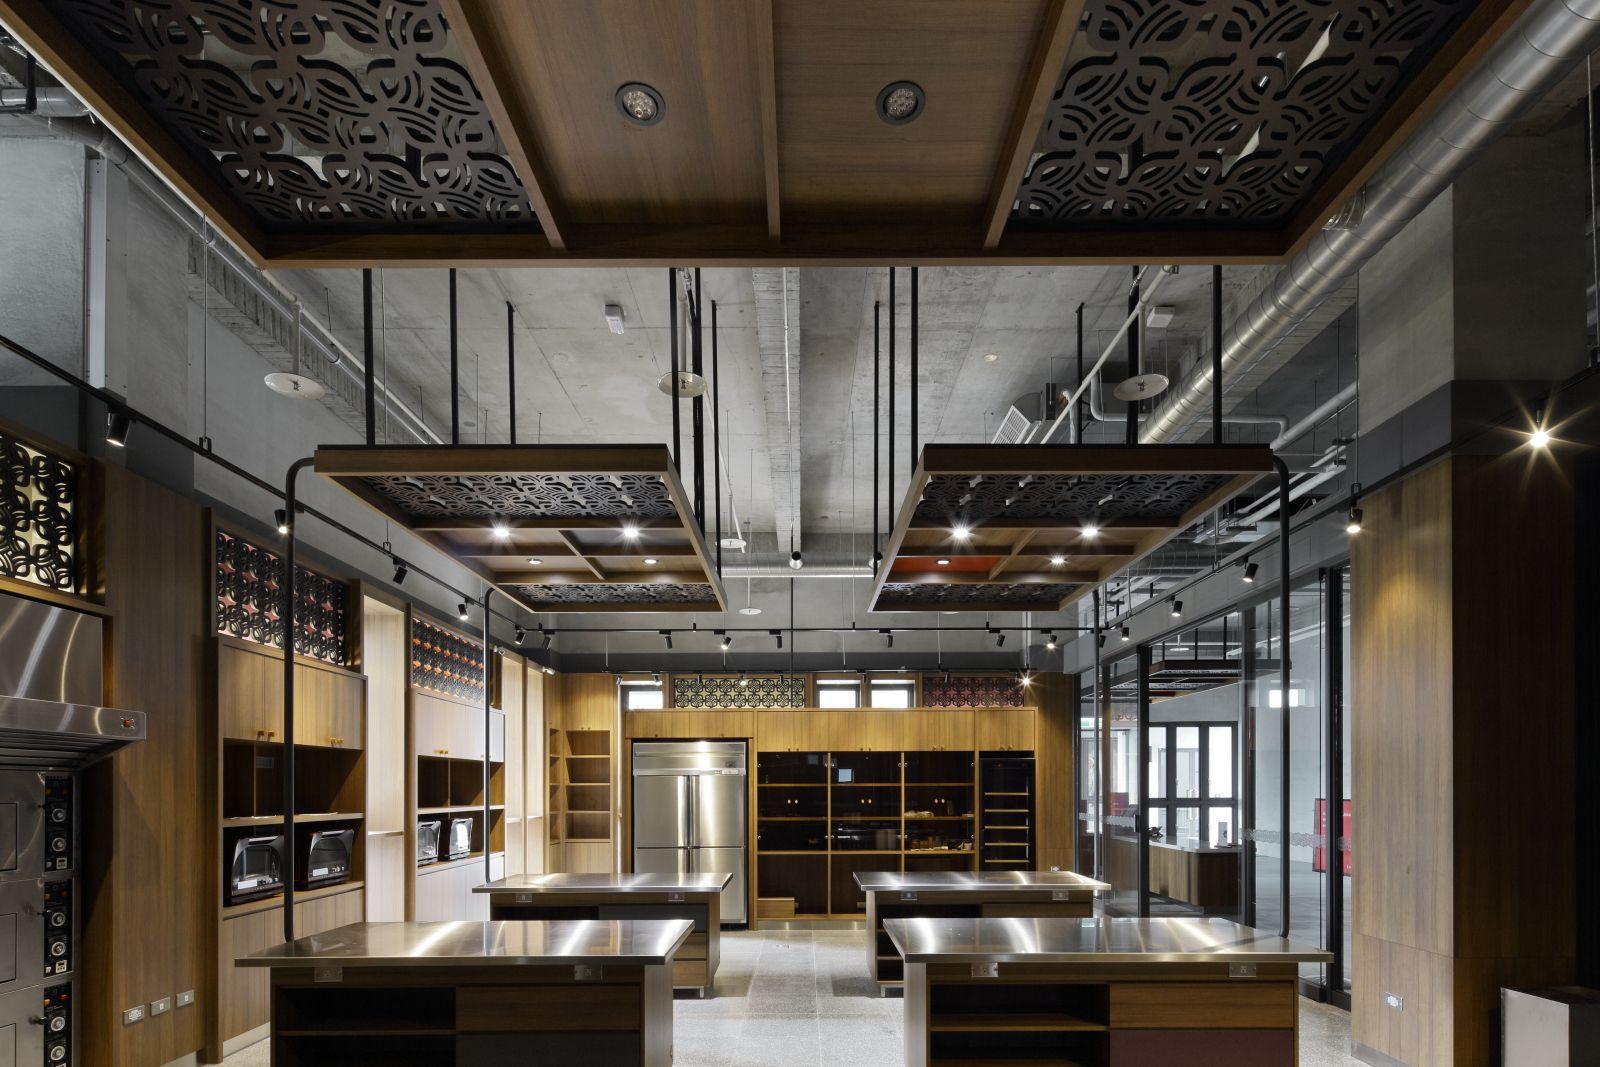 Jiu Zhen Nan Han Pastry House